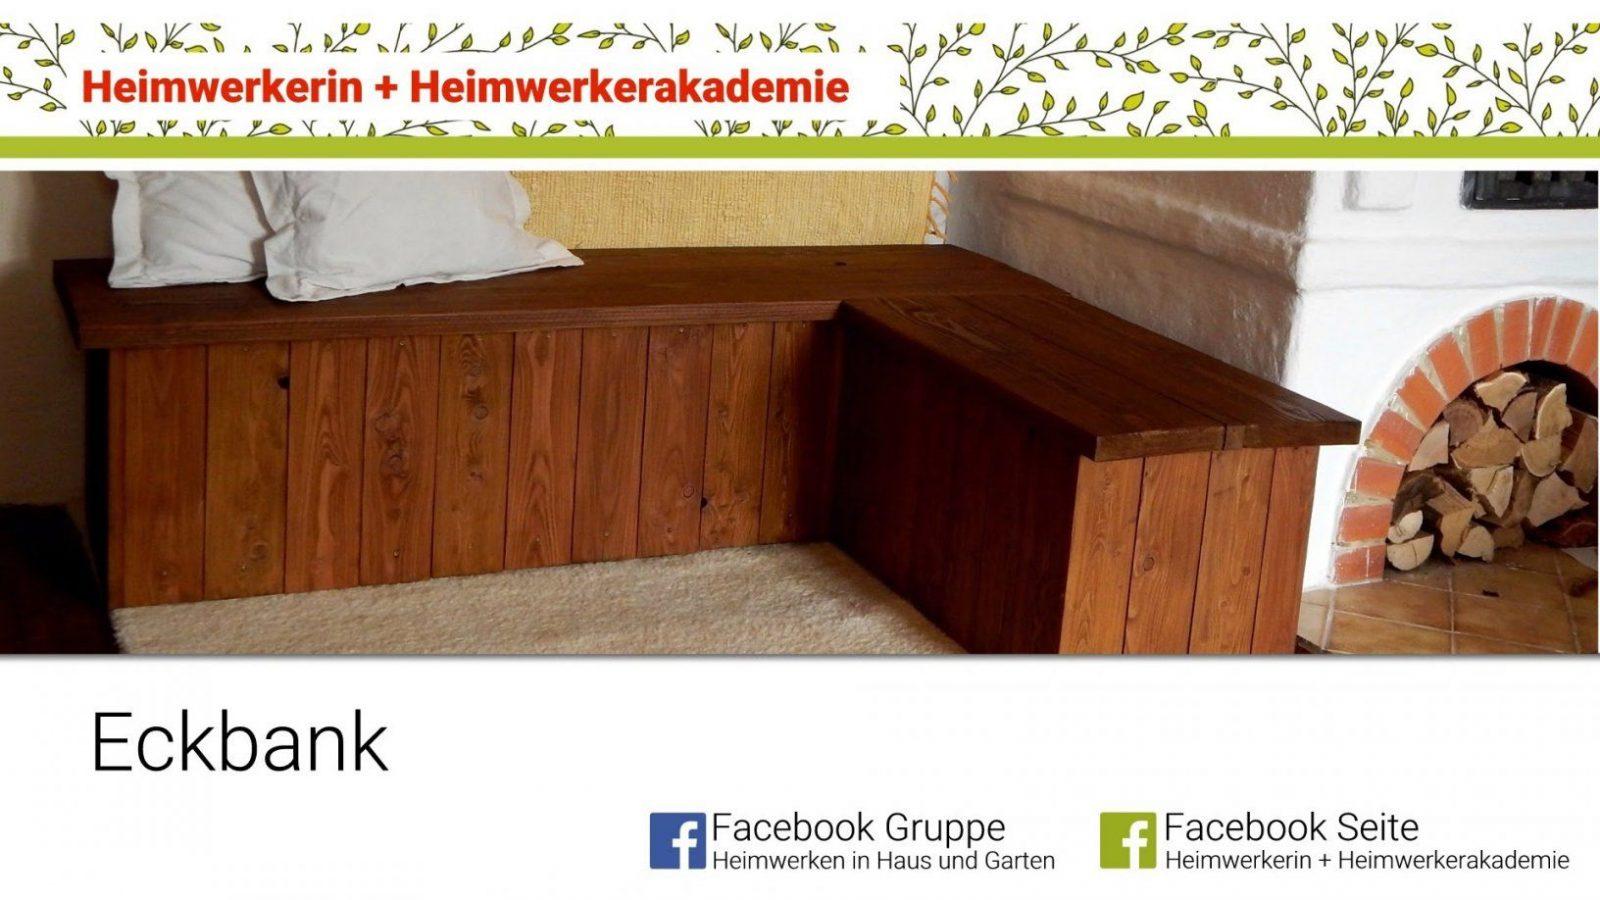 Heimwerkerin Baut Eine Eckbank  Youtube von Eckbank Mit Stauraum Selber Bauen Photo